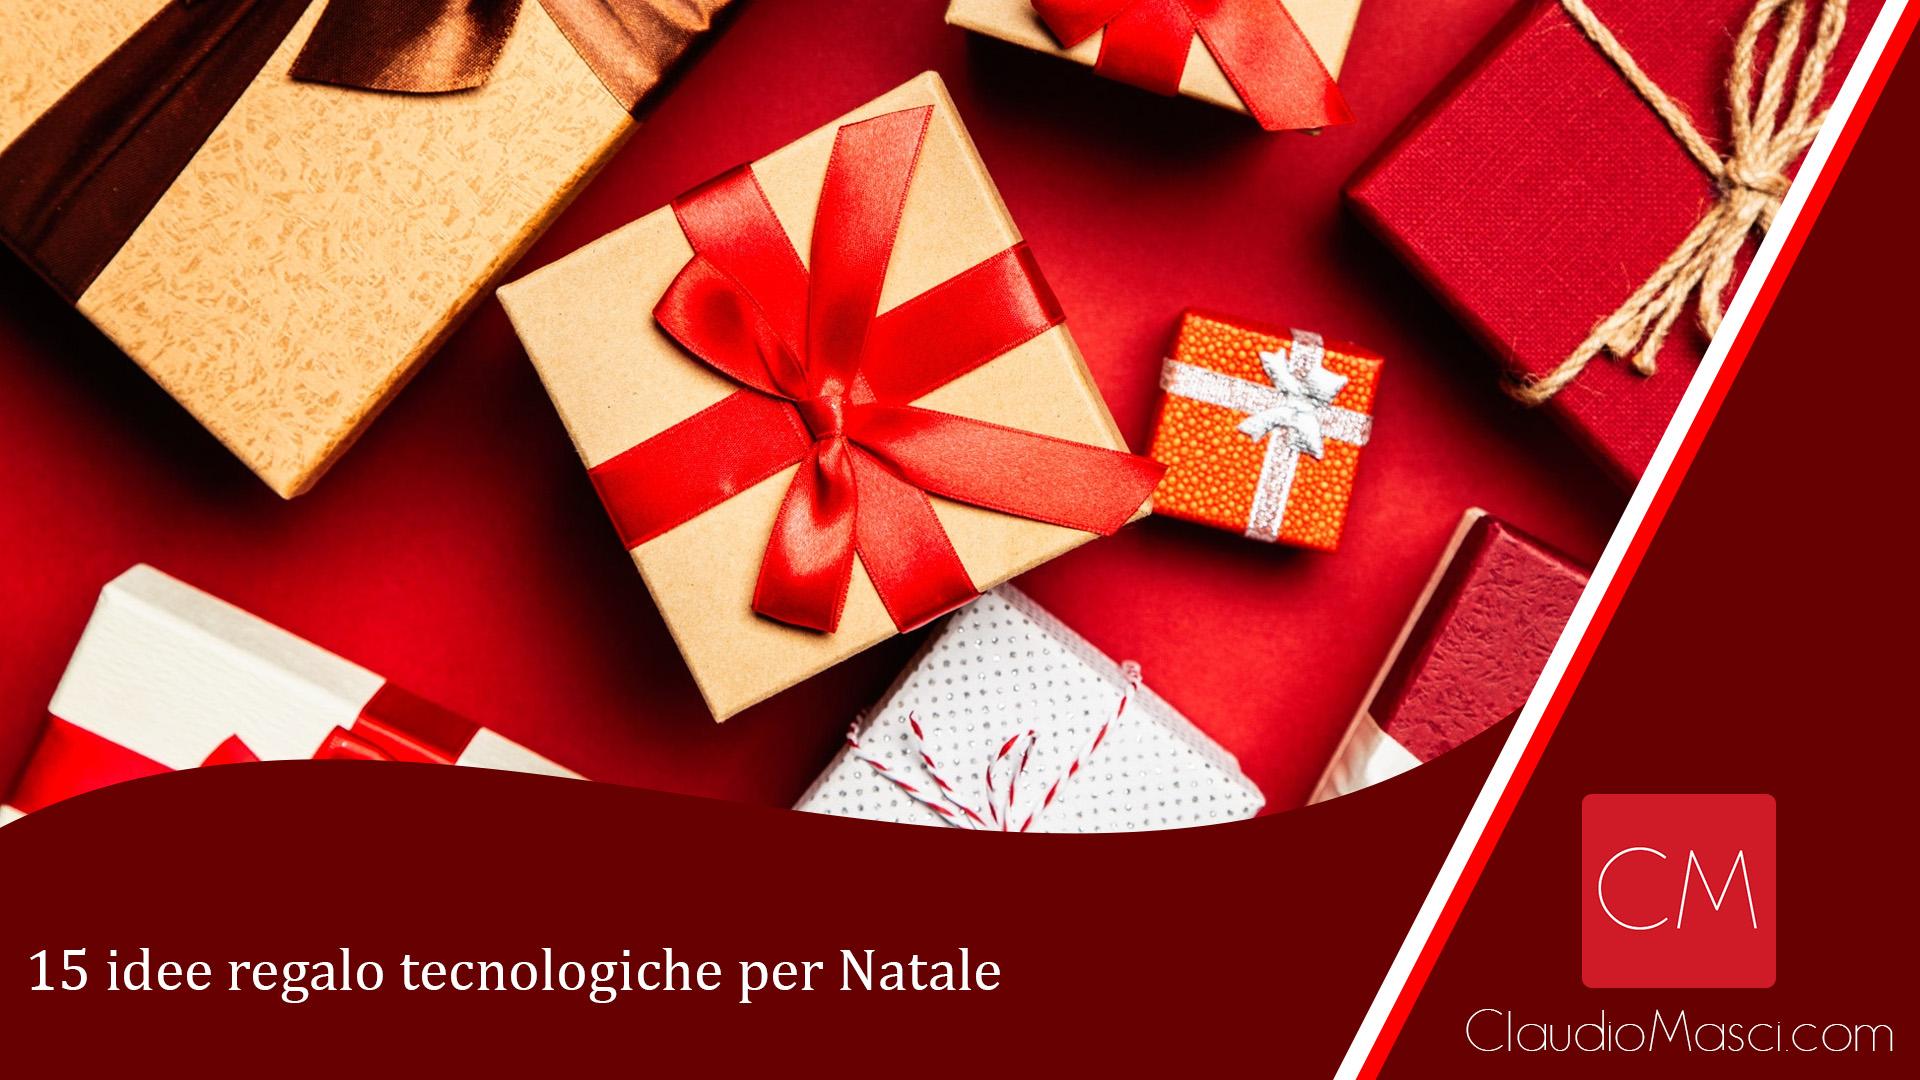 15 idee regalo tecnologiche per Natale